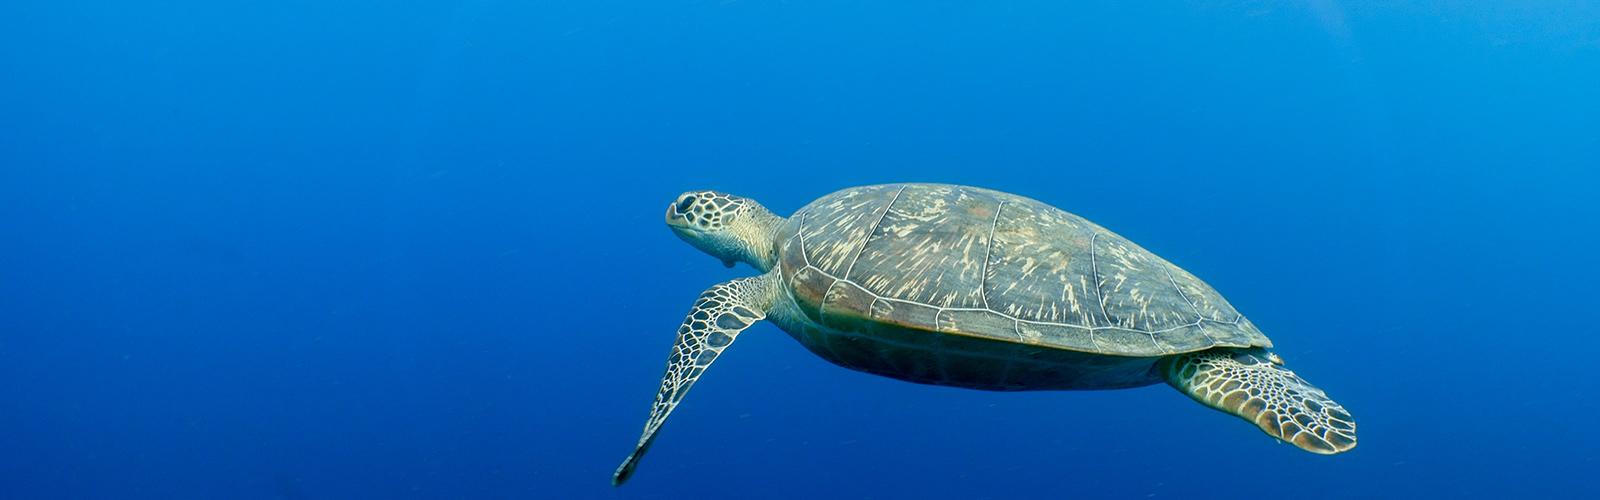 Sea turtles Maldives